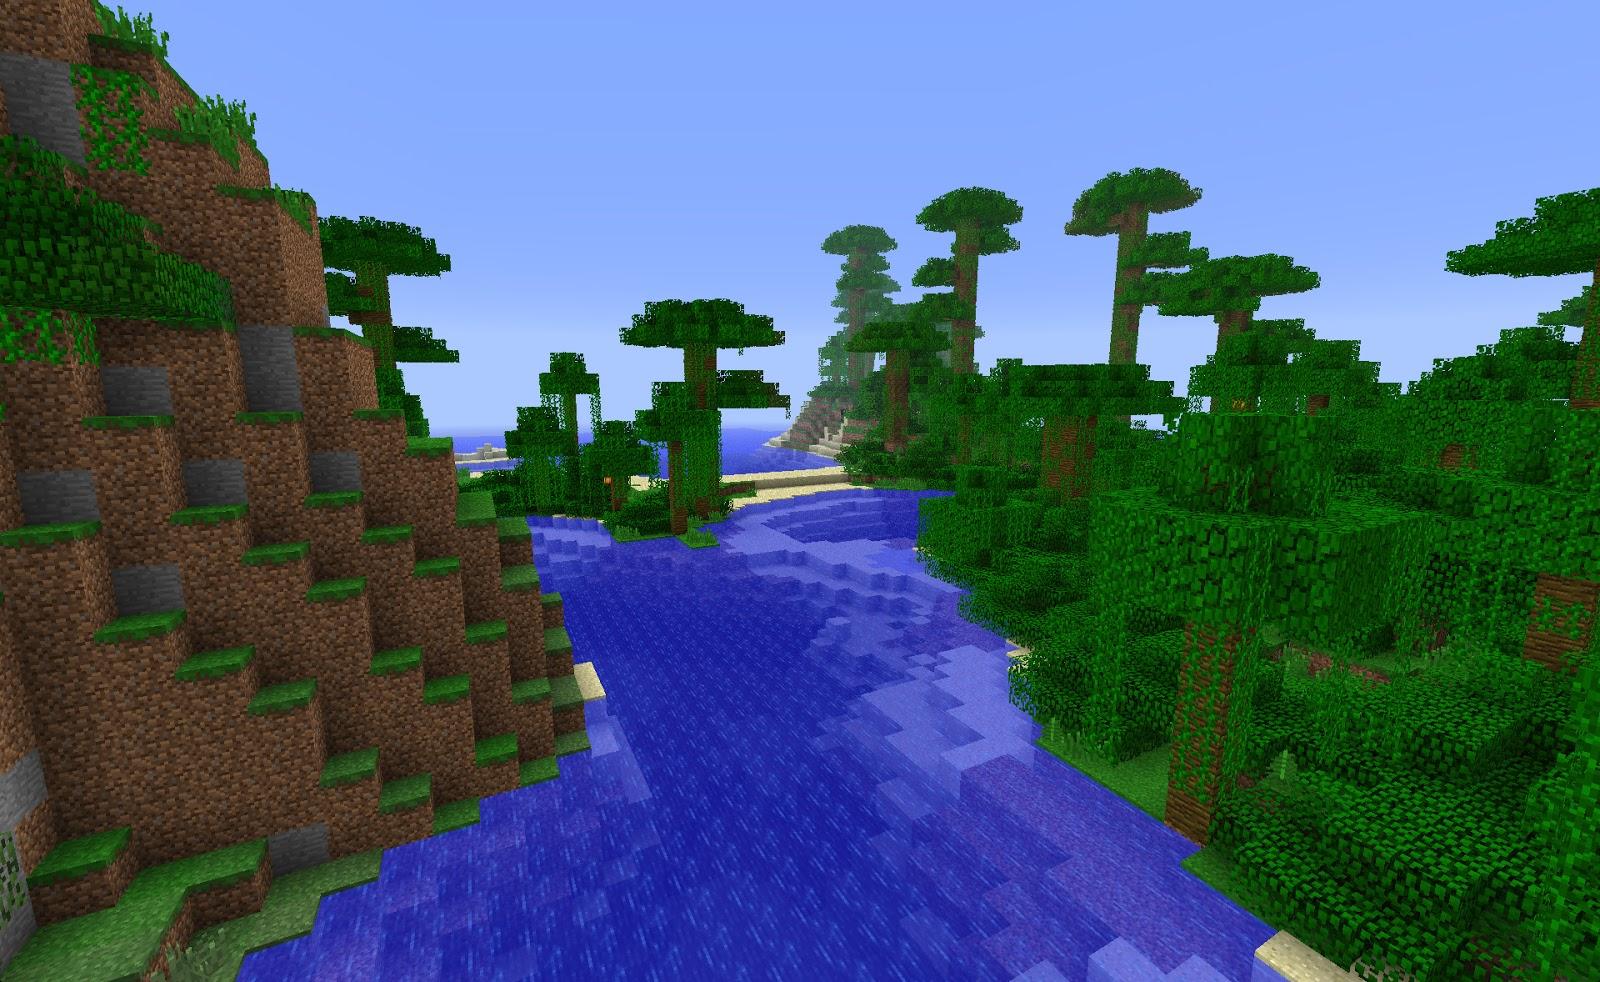 майнкрафт 1 9 0 ключ для генирації світу джунгли #9